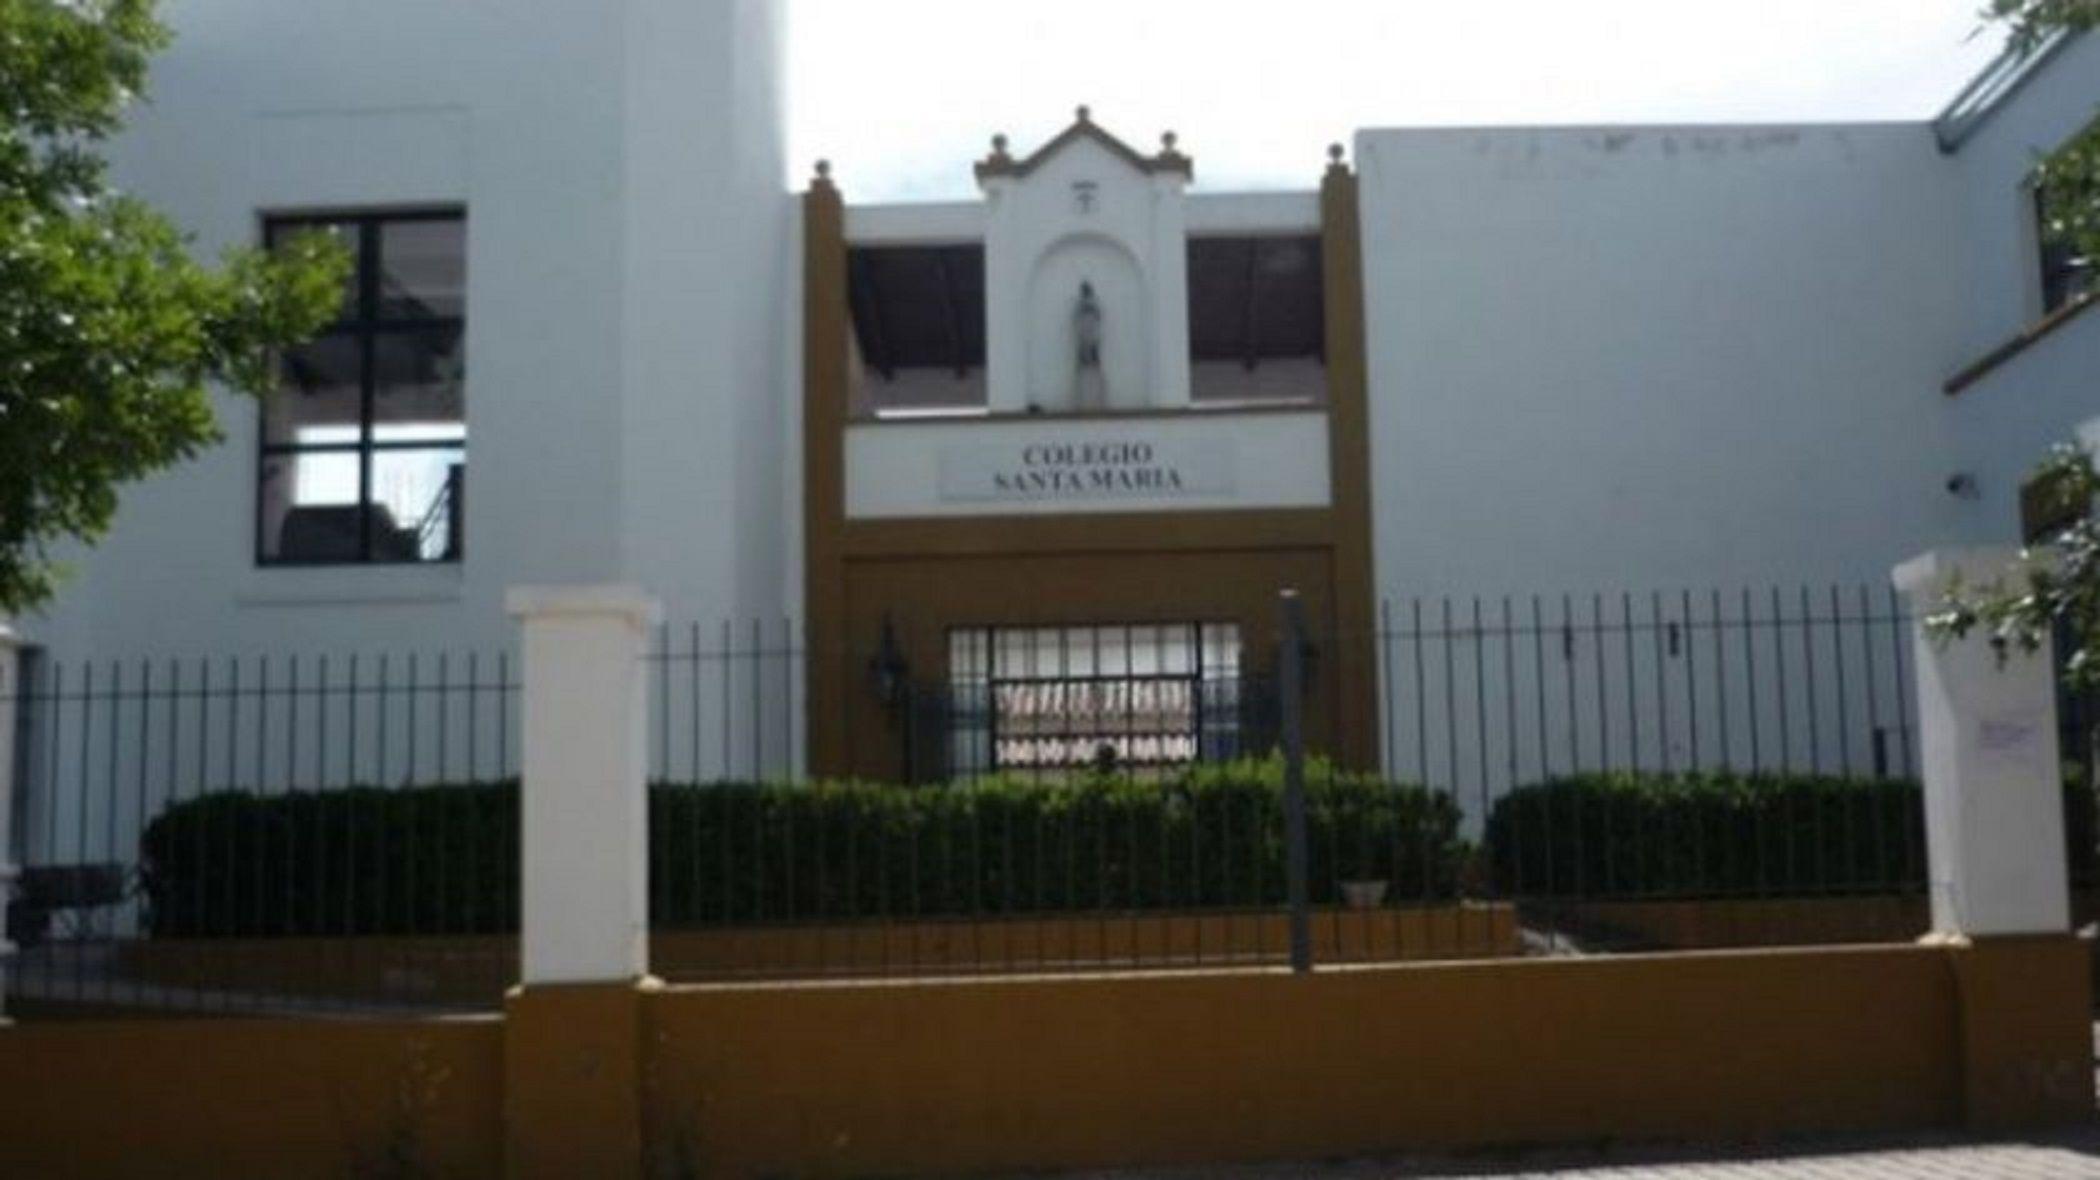 Salta: un colegio católico echó a alumnos que defendieron a un compañero gay